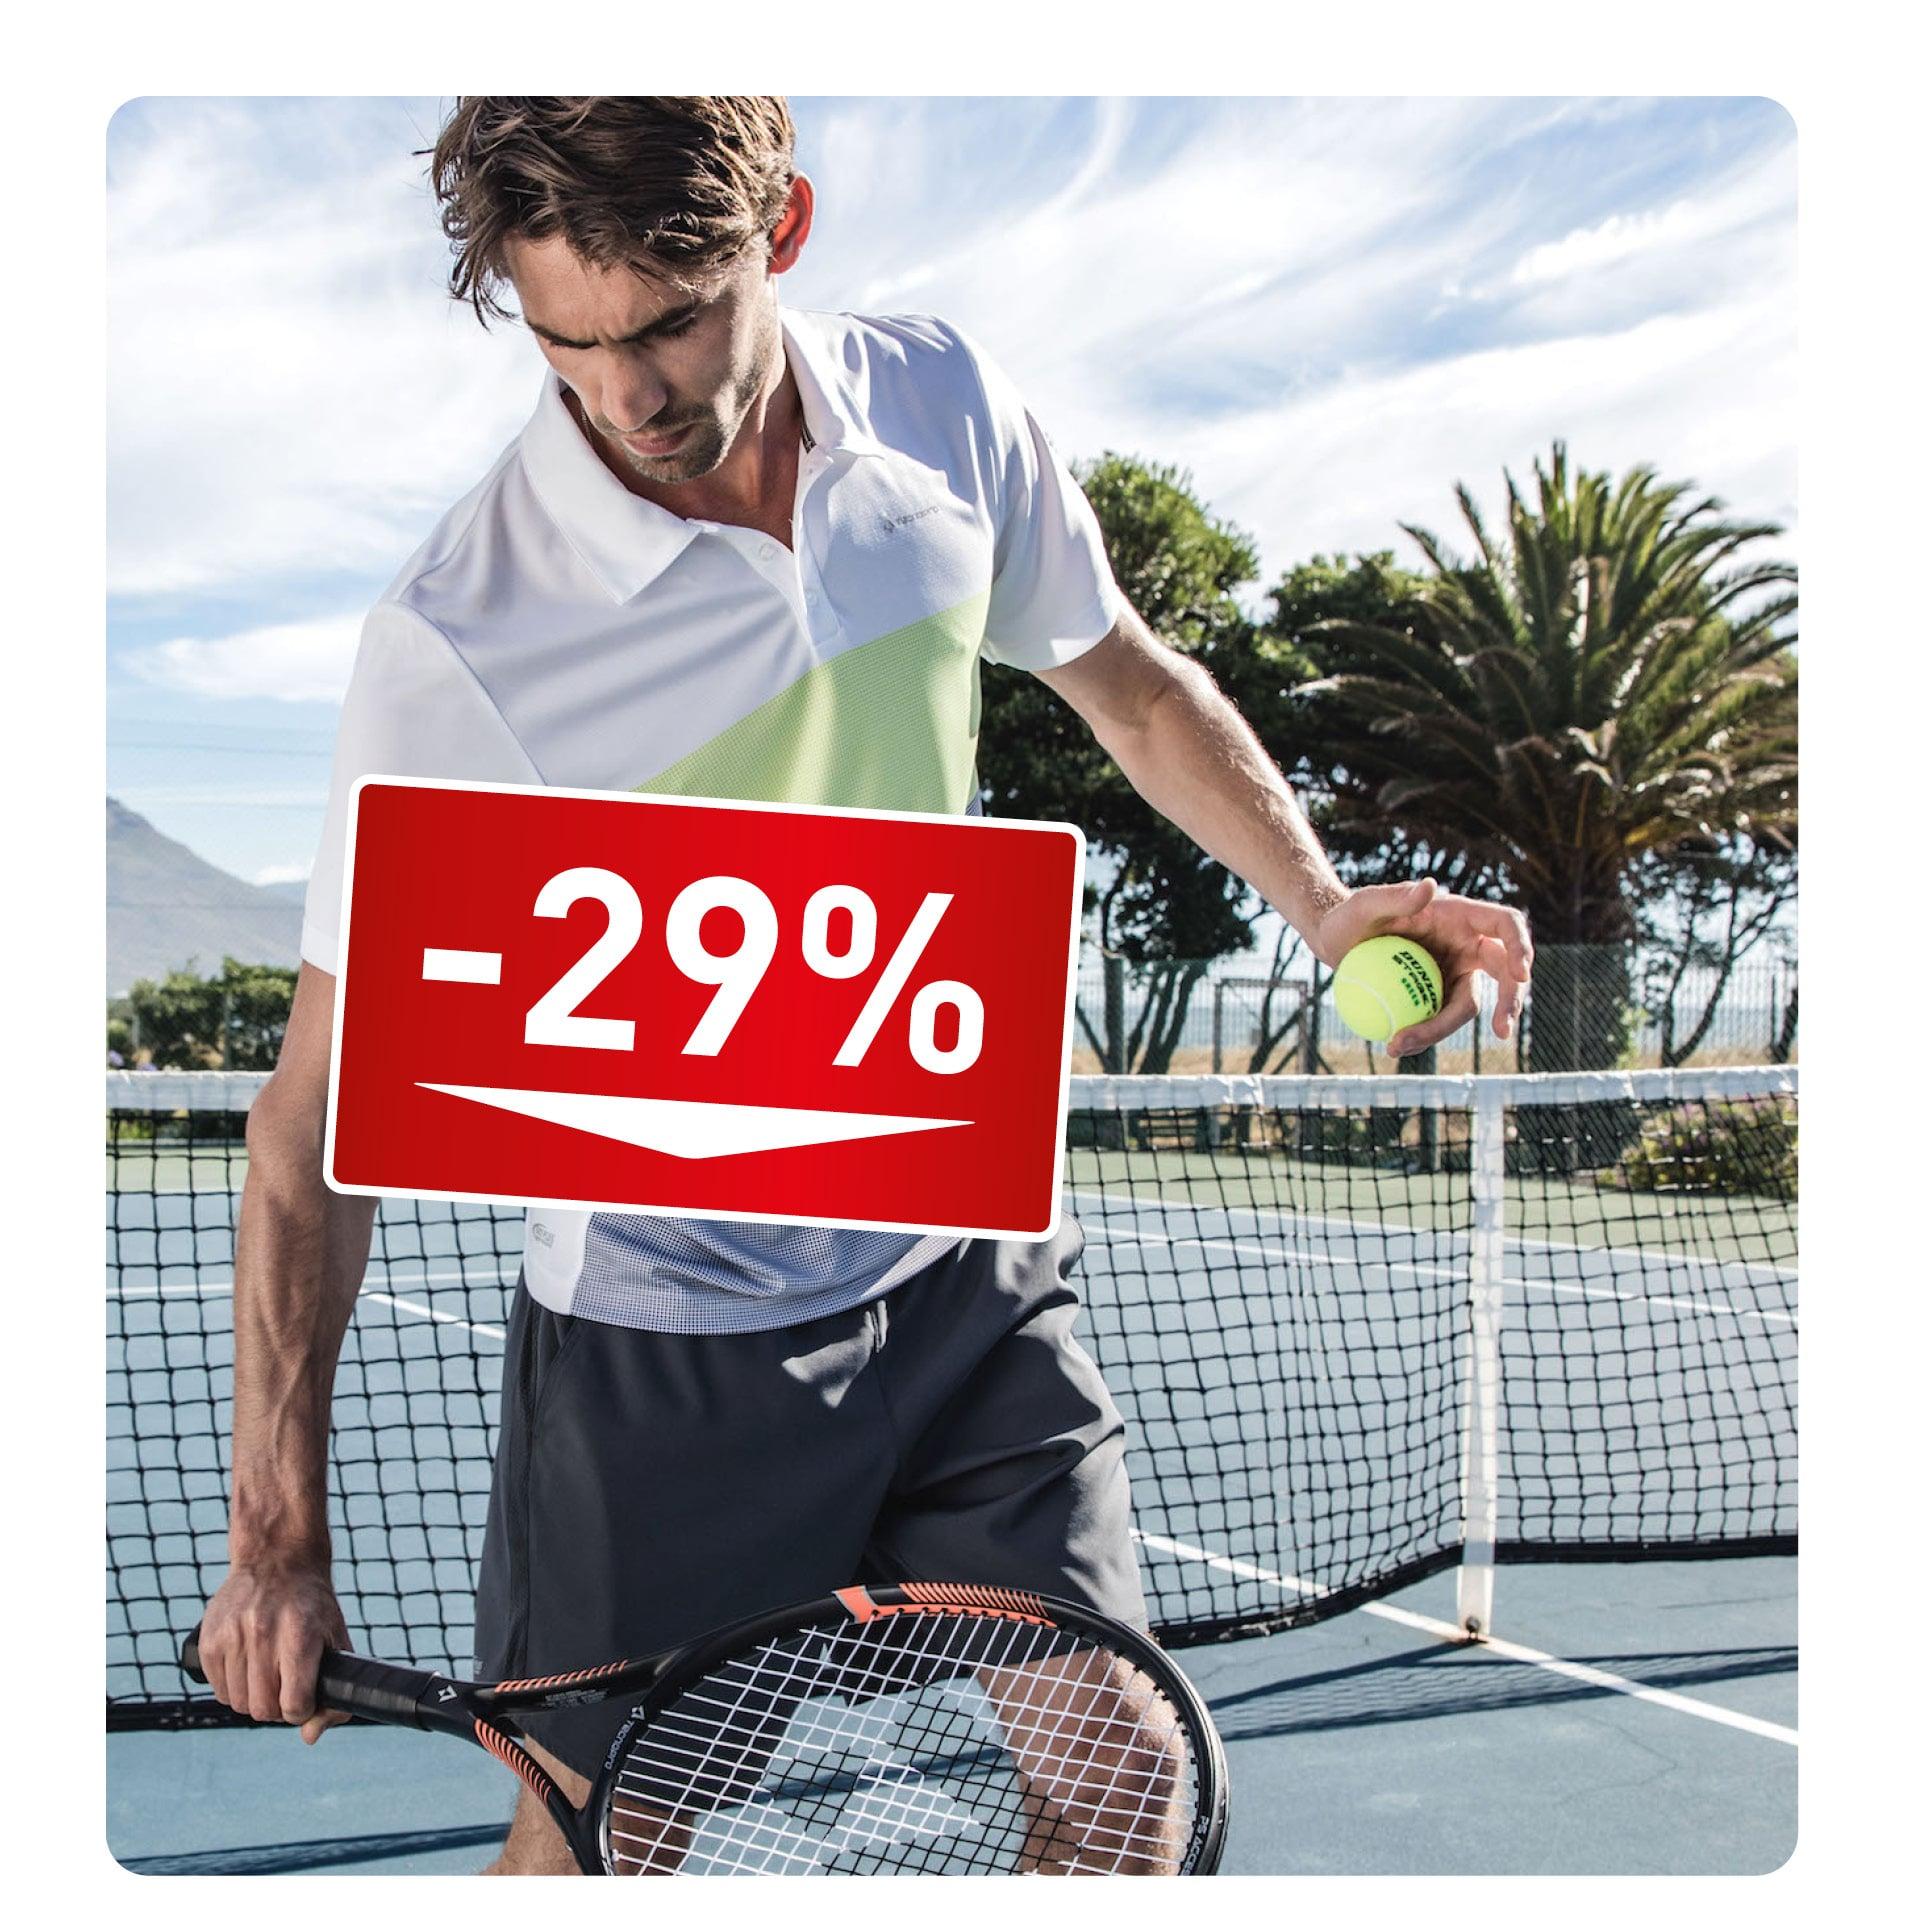 TENNISBÄLLE + SAITE -29%